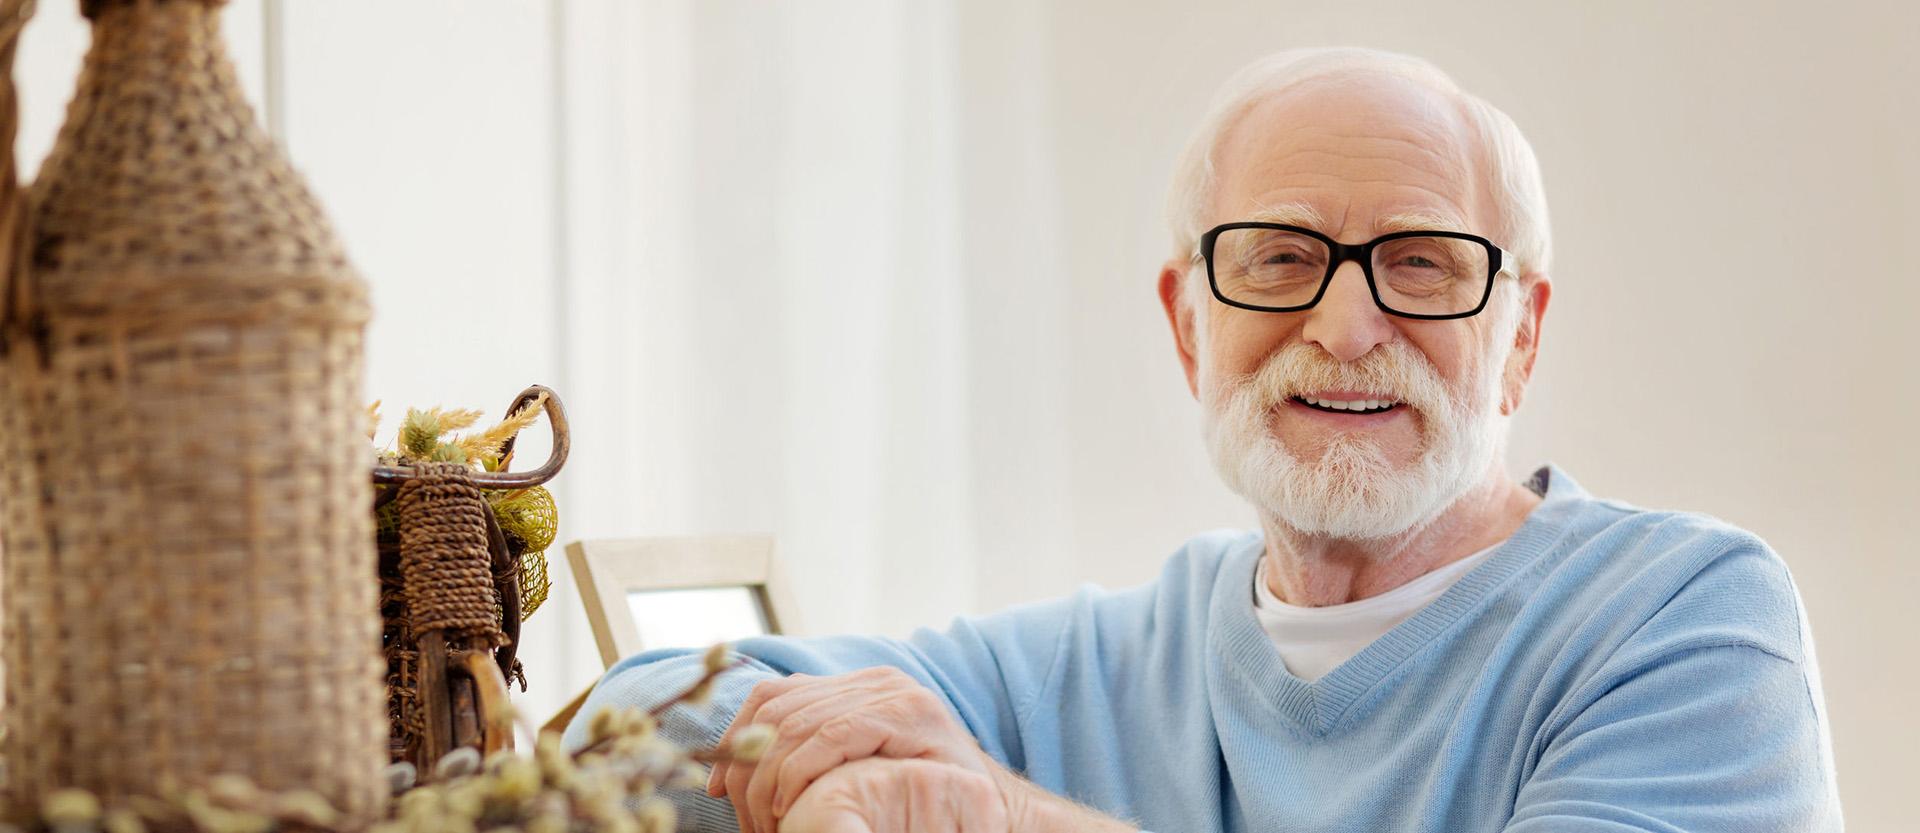 Livförsäkring pensionsförsäkring Spanien